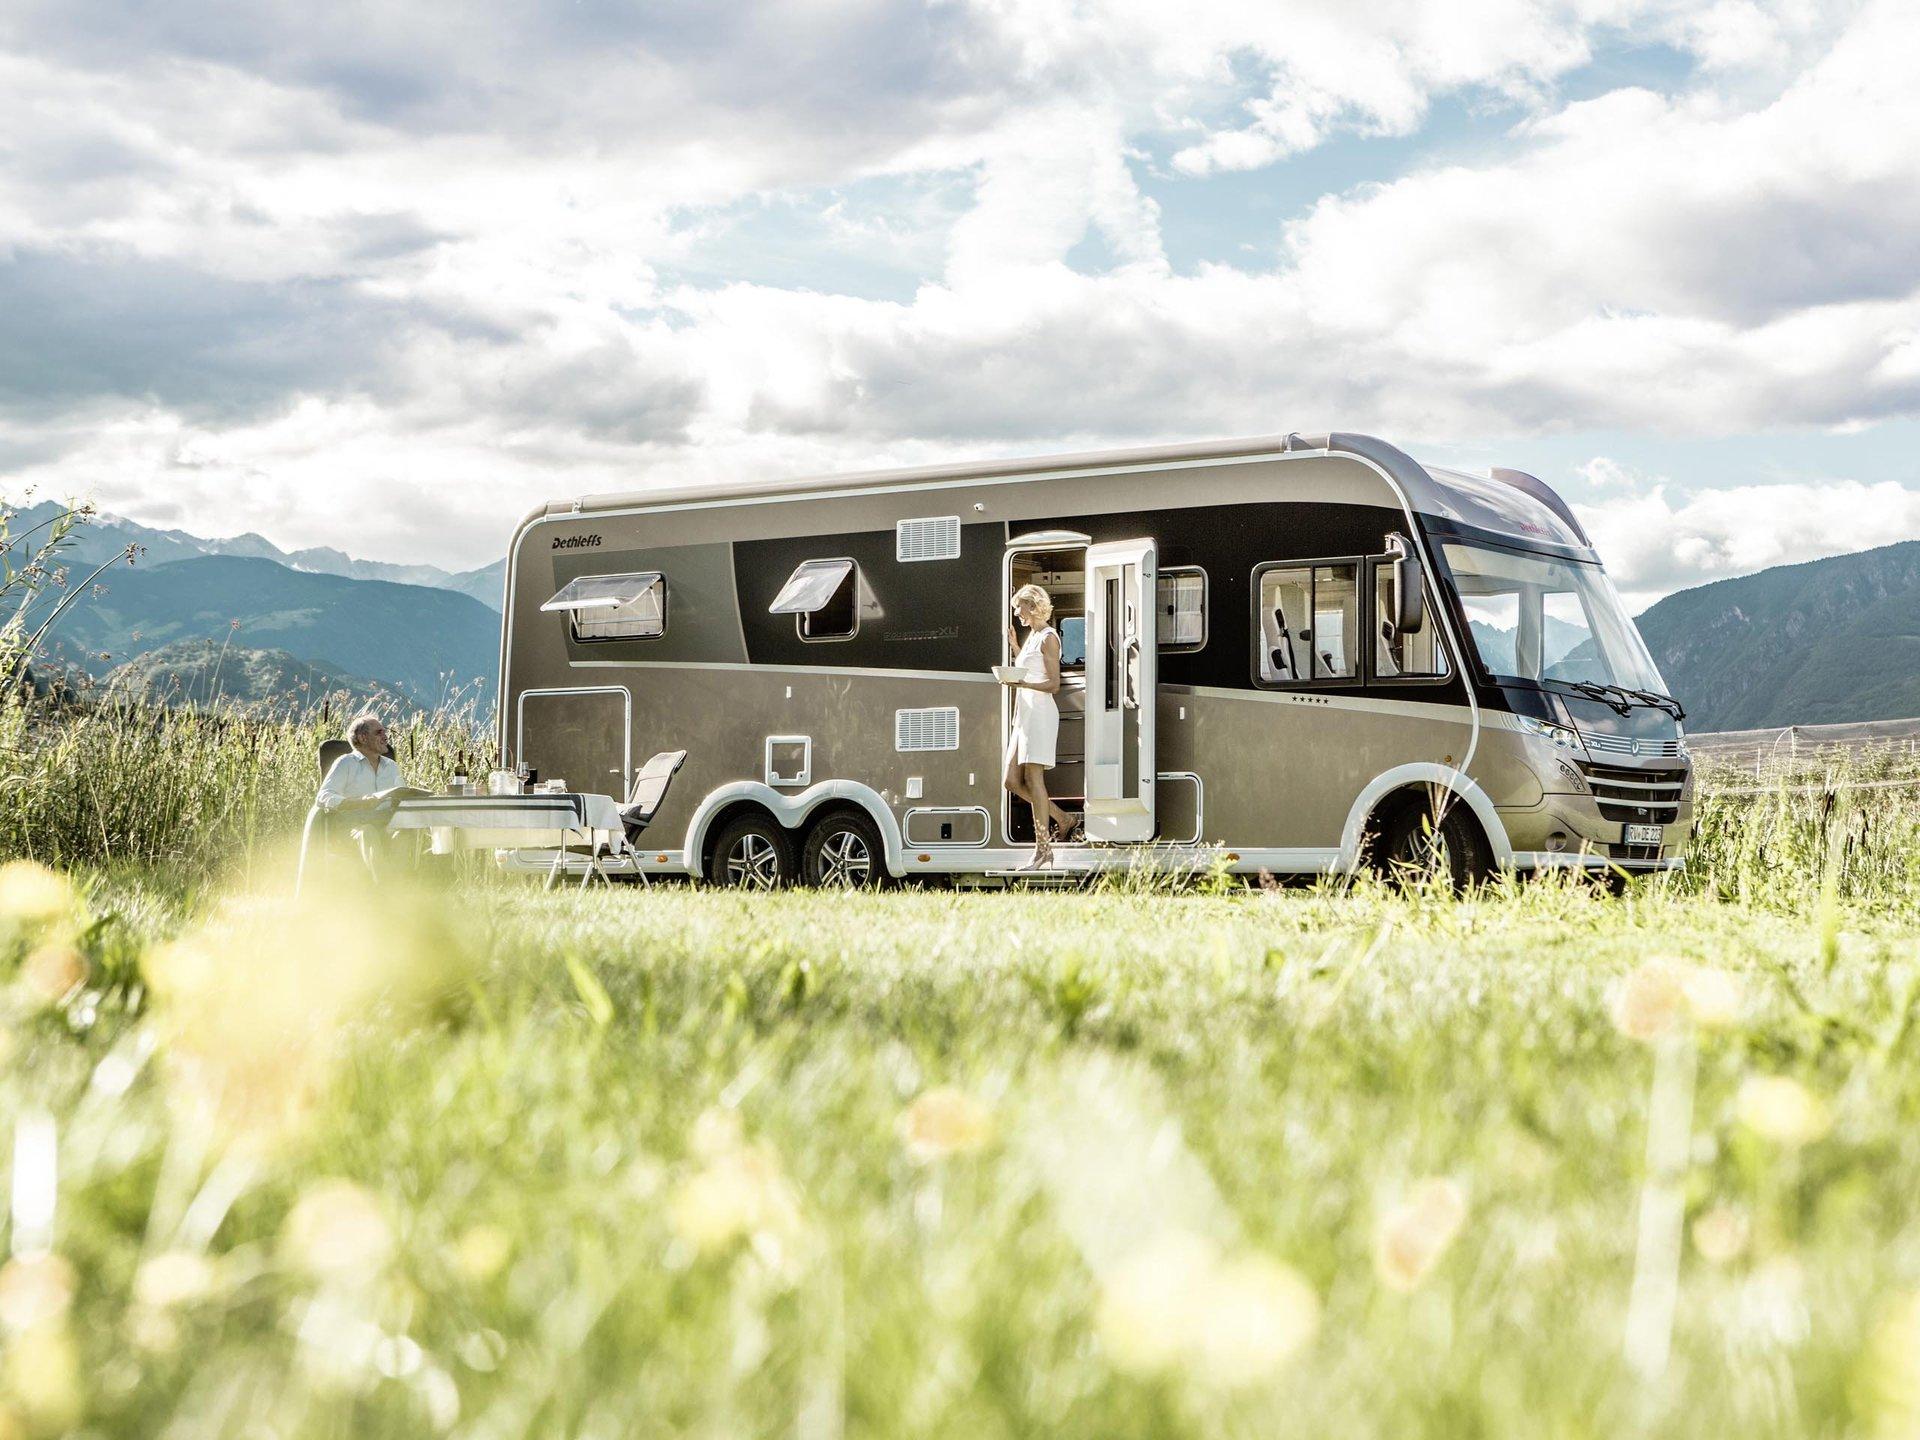 Wohnwagen, Wohnmobil, Reisemobil mieten - Seltenhofer